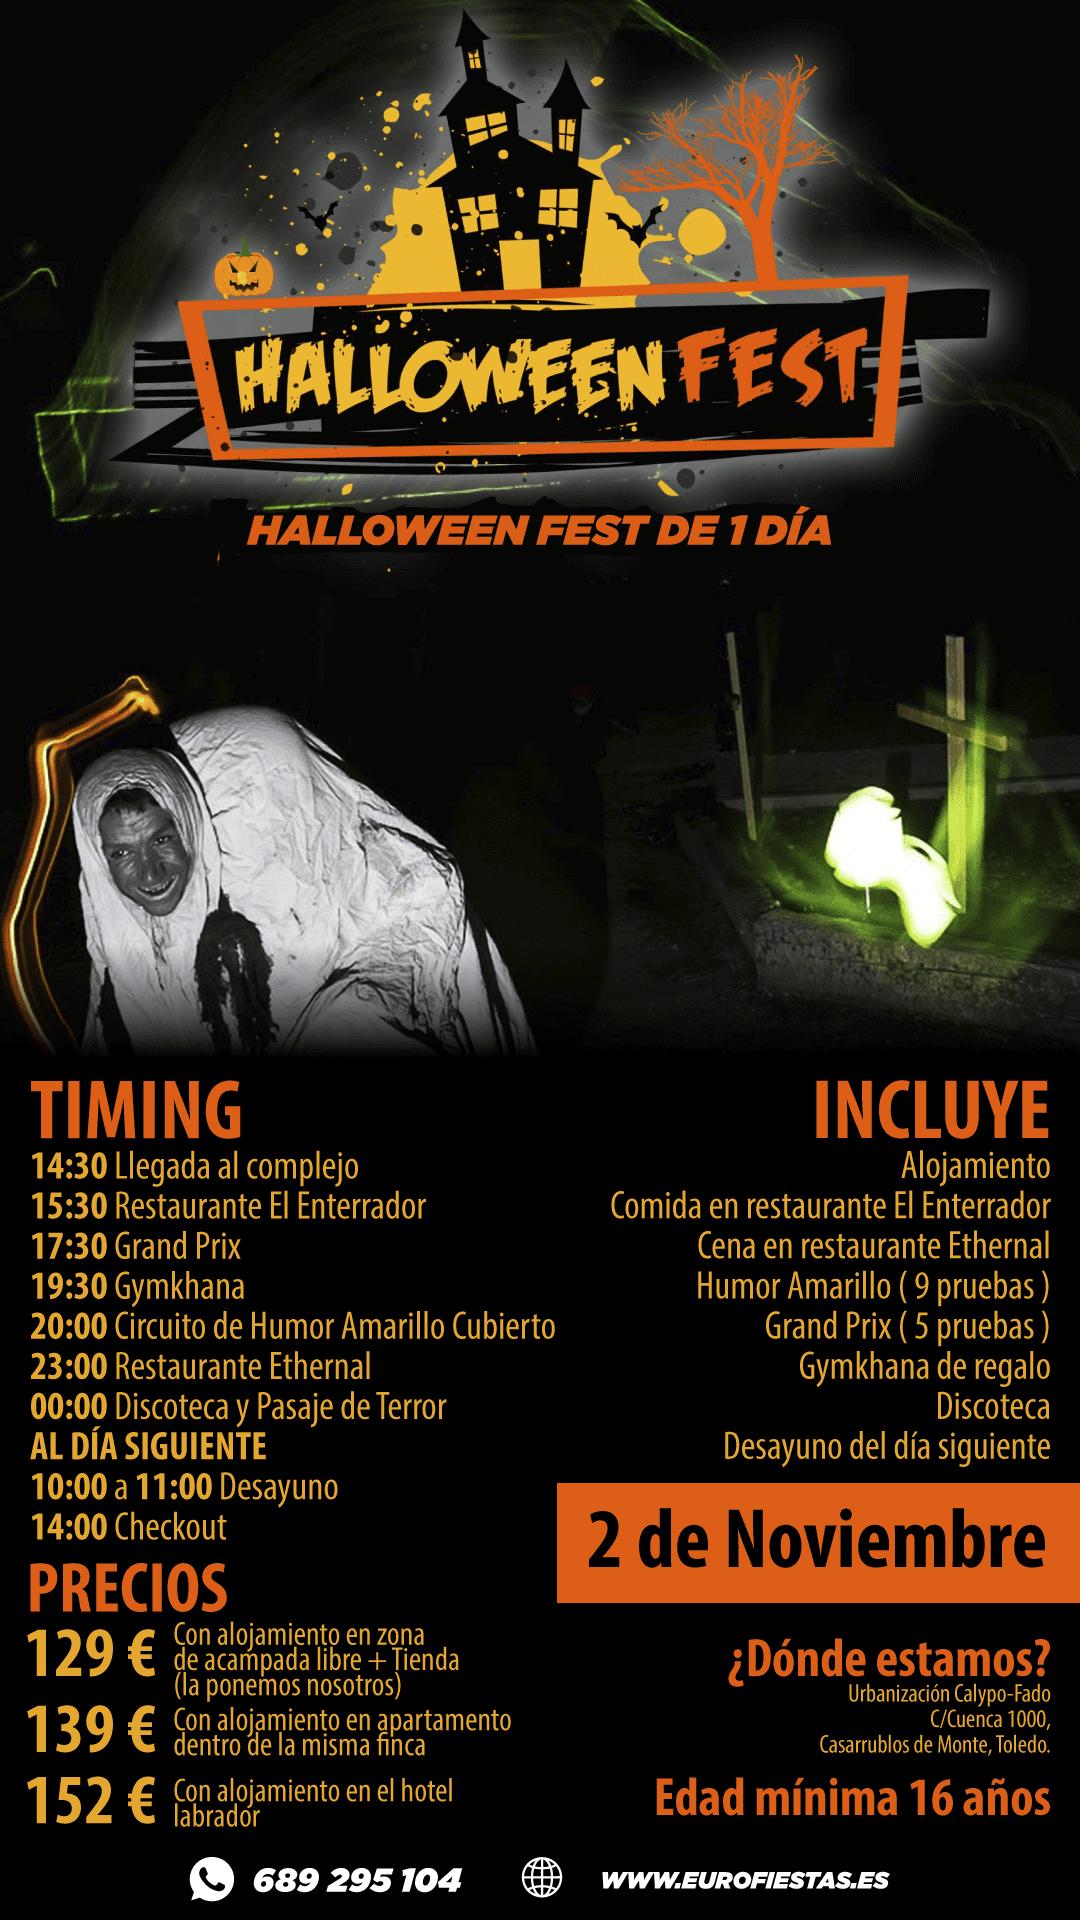 Halloween Fest 1 día